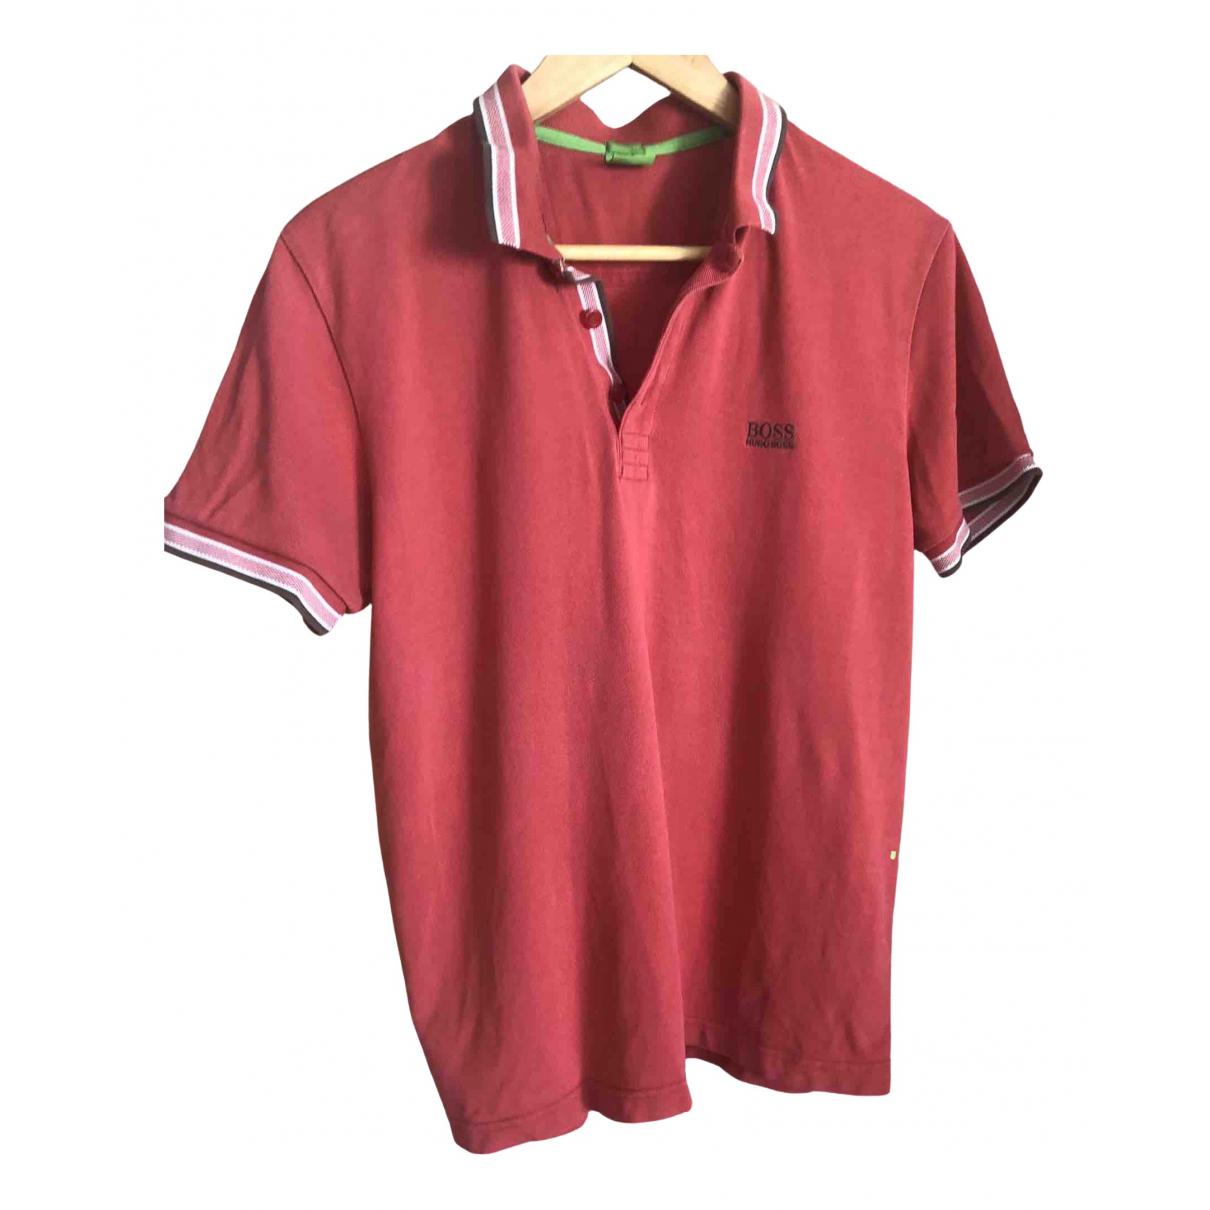 Boss - Tee shirts   pour homme en coton - rouge